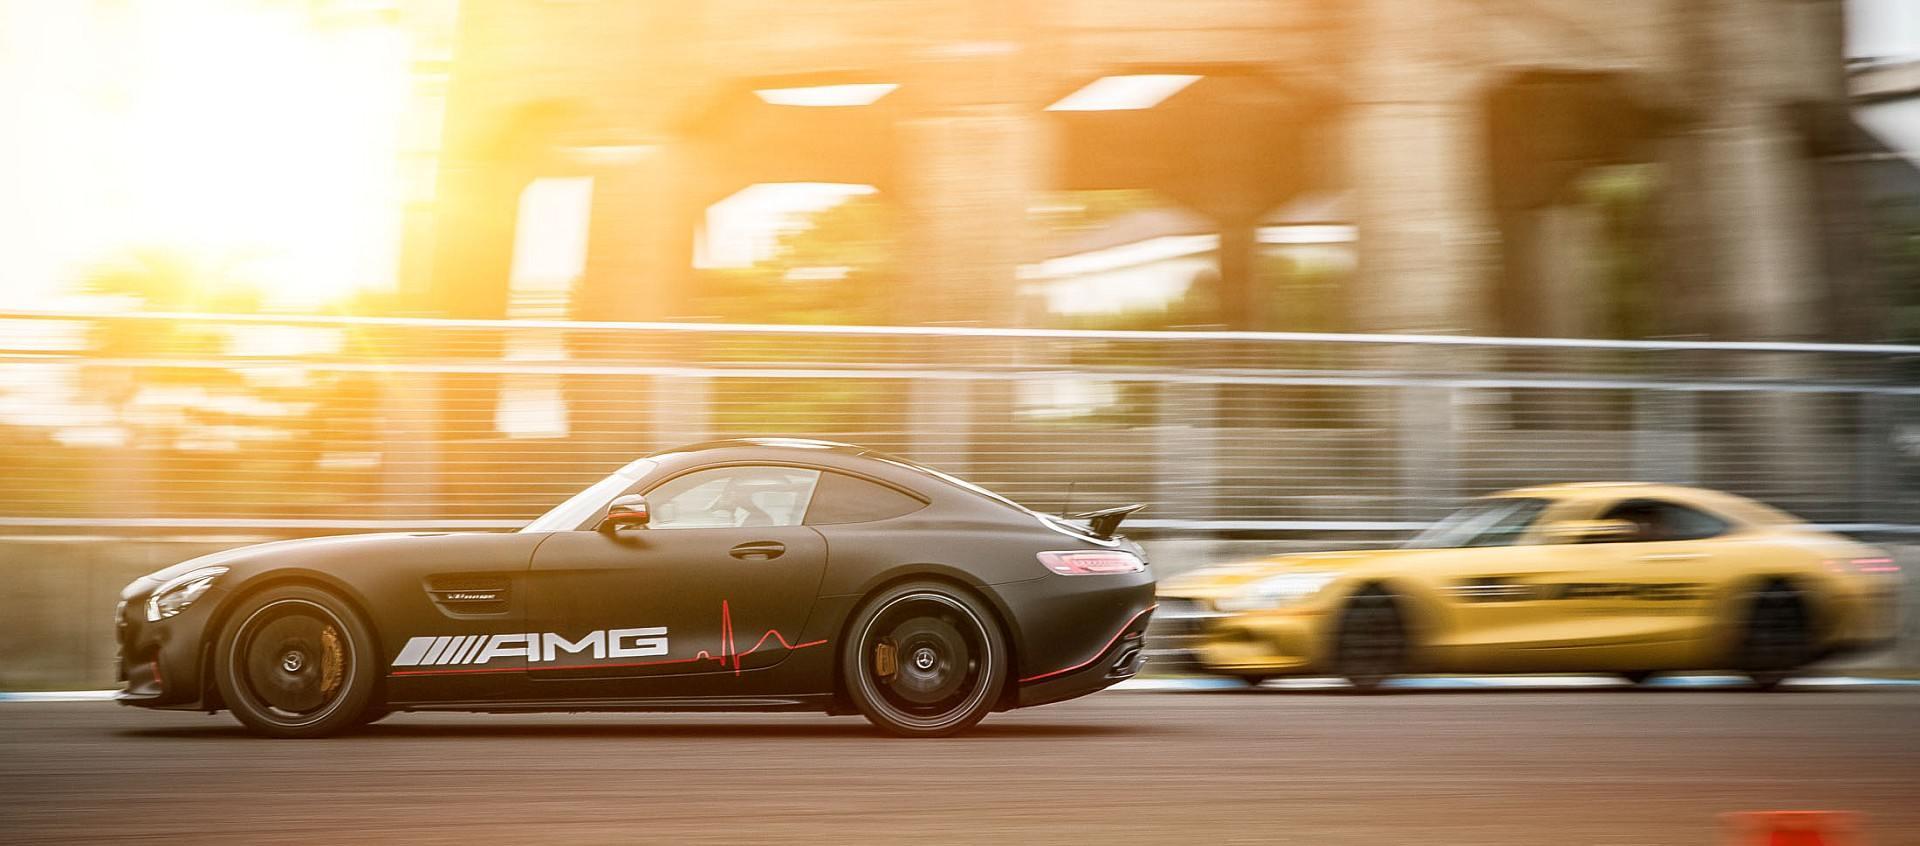 即刻加入地表最速家族,勇闖 AMG 極速禁區:2019 AMG Driving Academy 駕駛學院開始報名